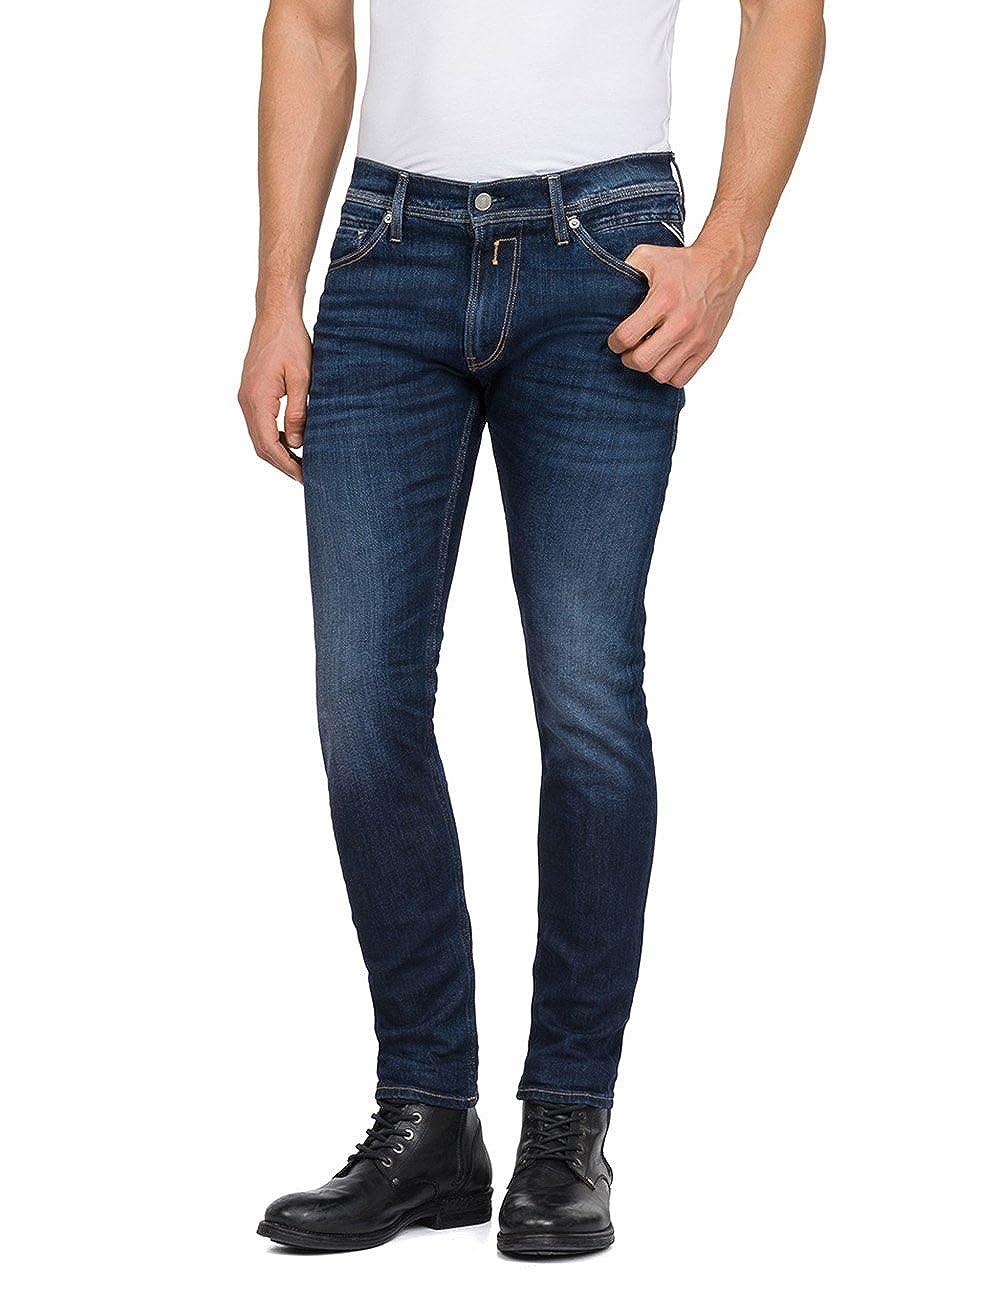 TALLA 31W / 32L. REPLAY MA931 .000.11B 764-Jeans Hombre